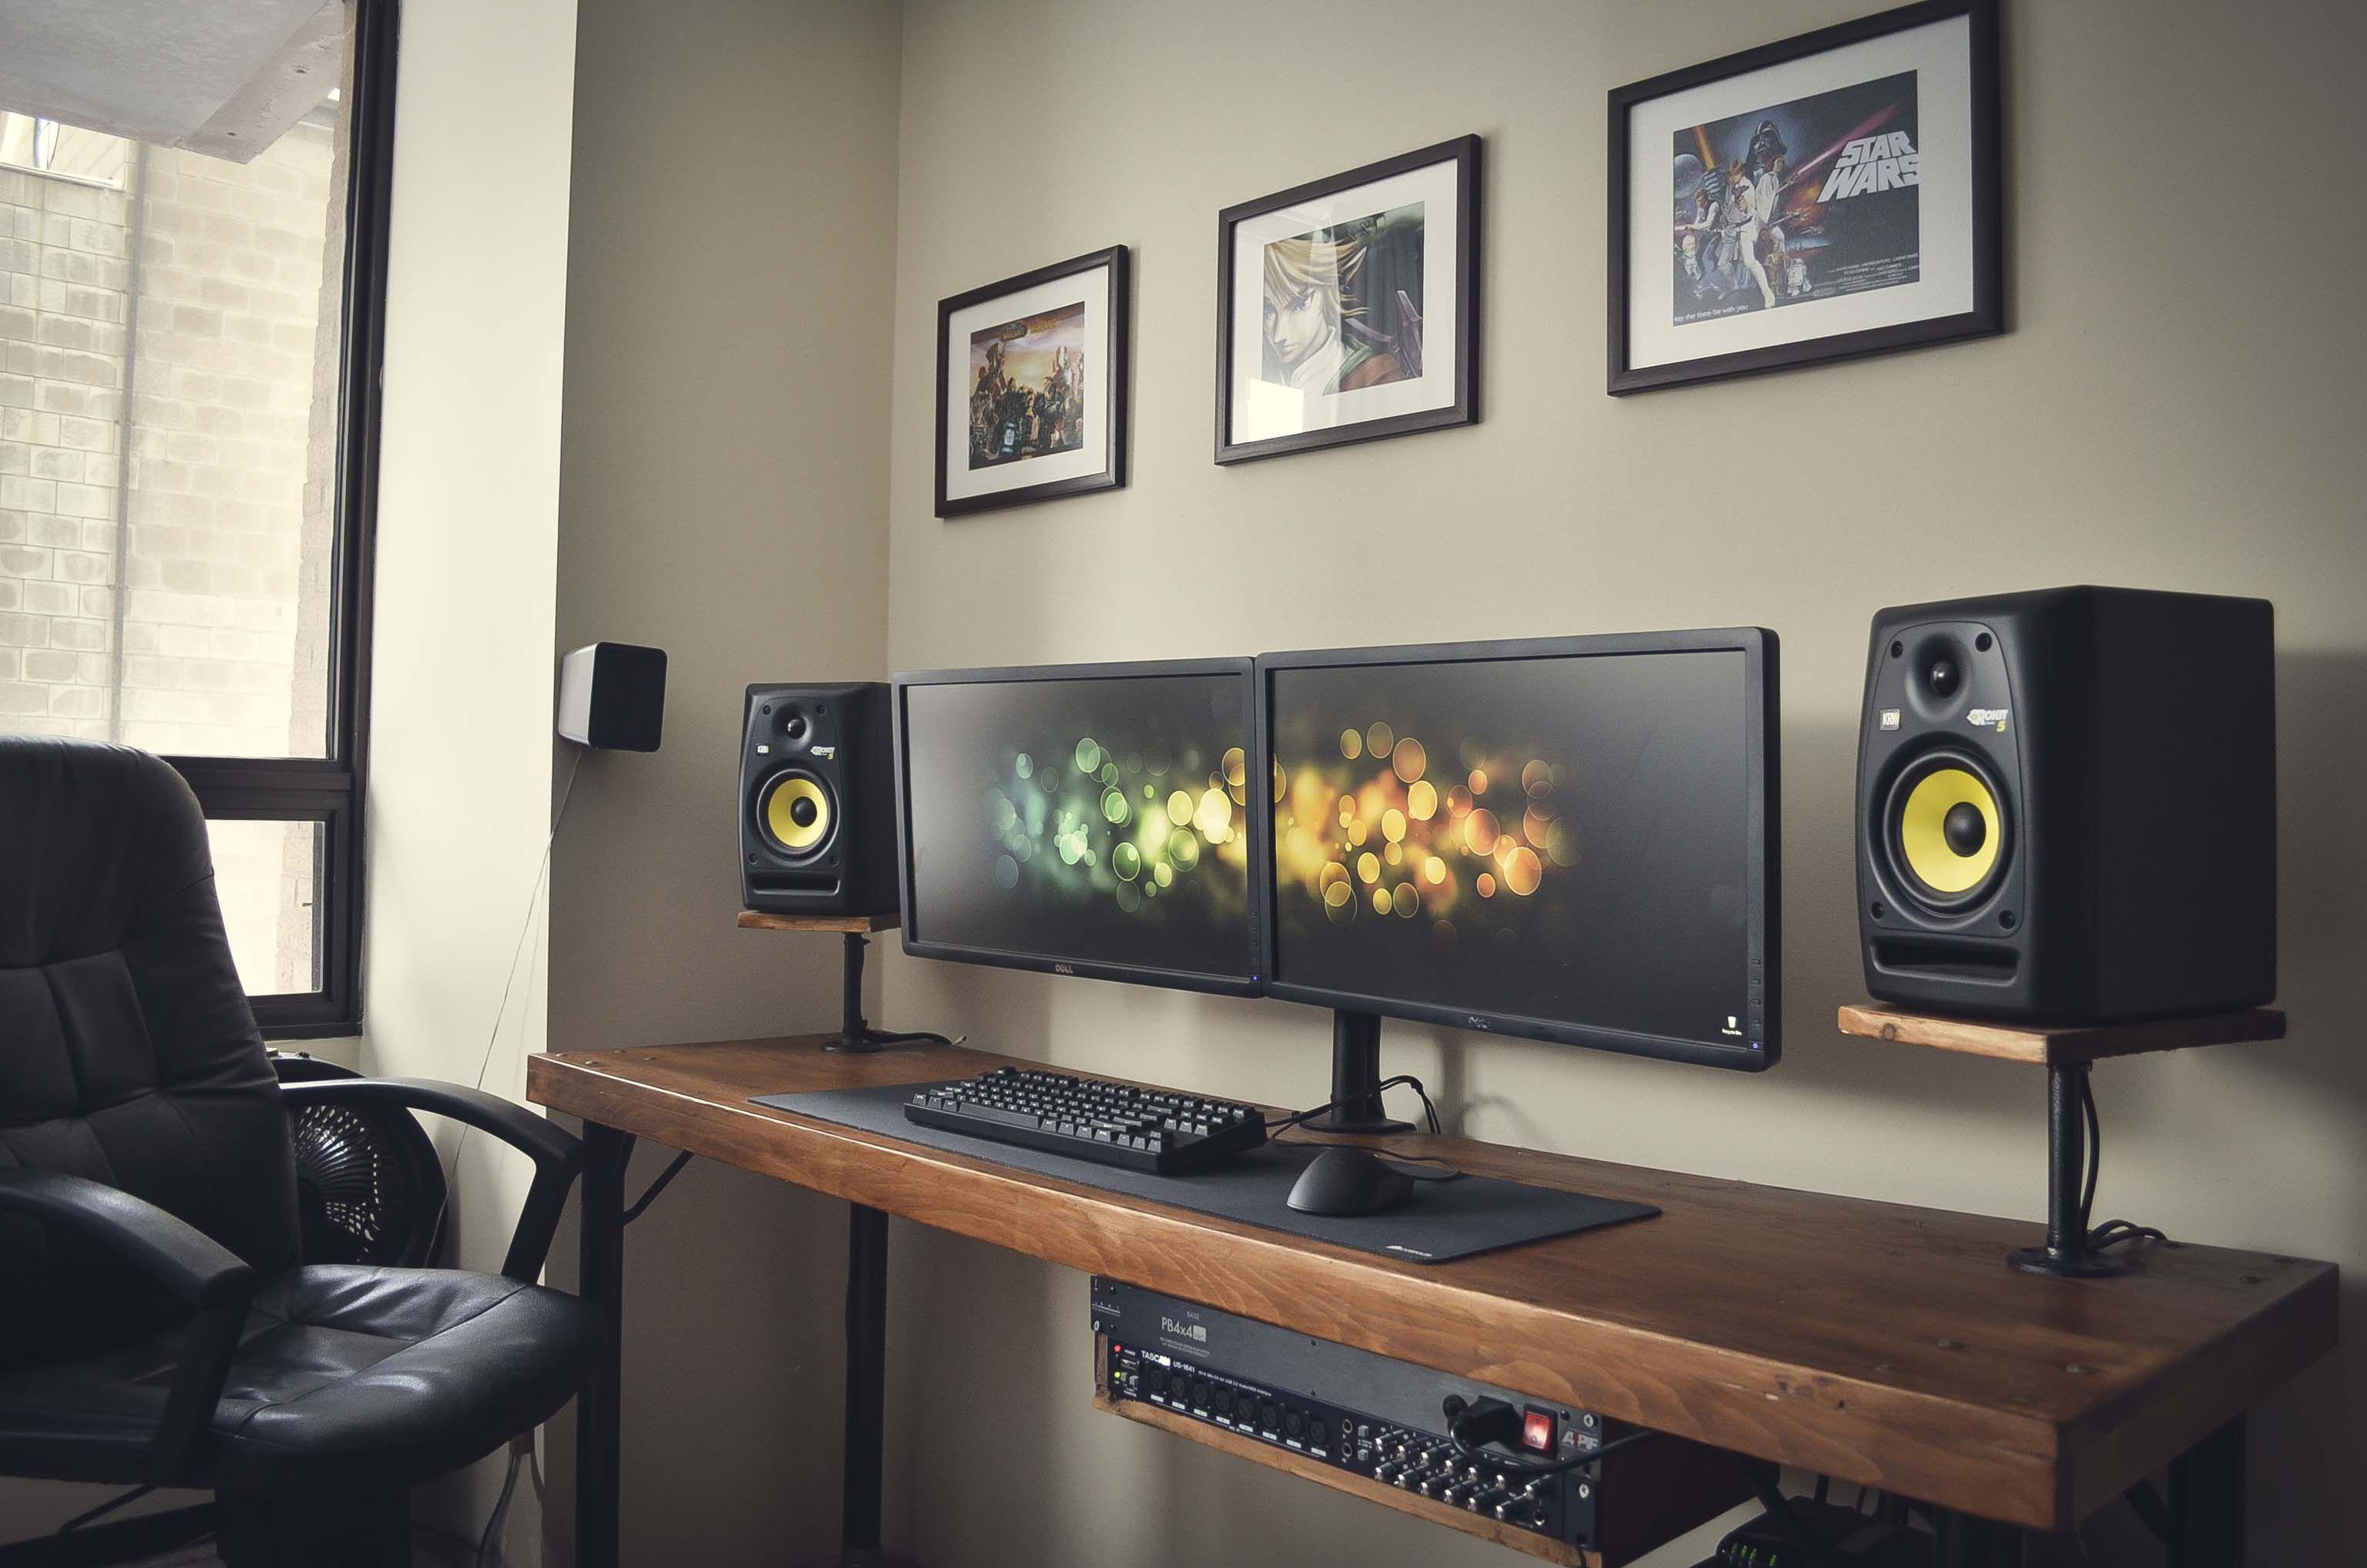 DIY Desk & Battlestation in 2018 | Battle Stations ...